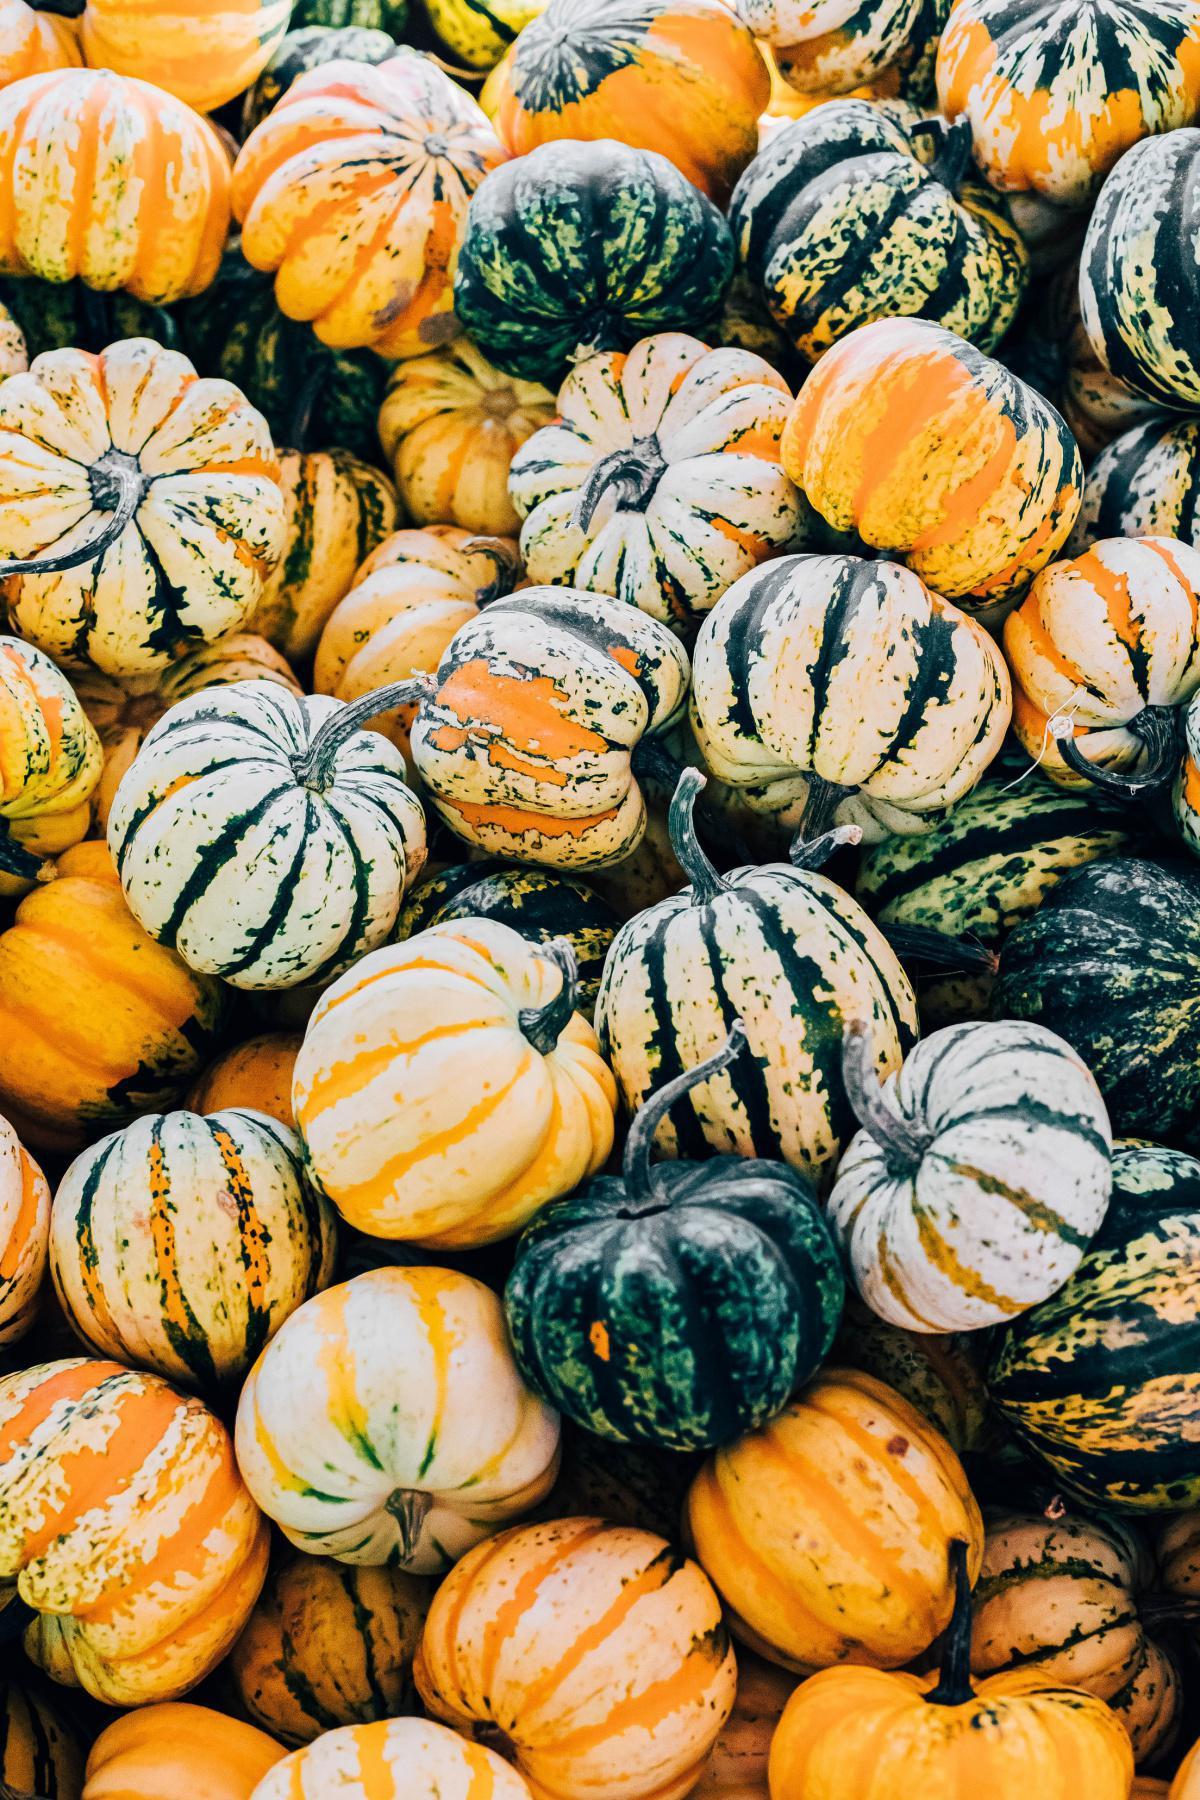 Les légumes de saison au mois de septembre